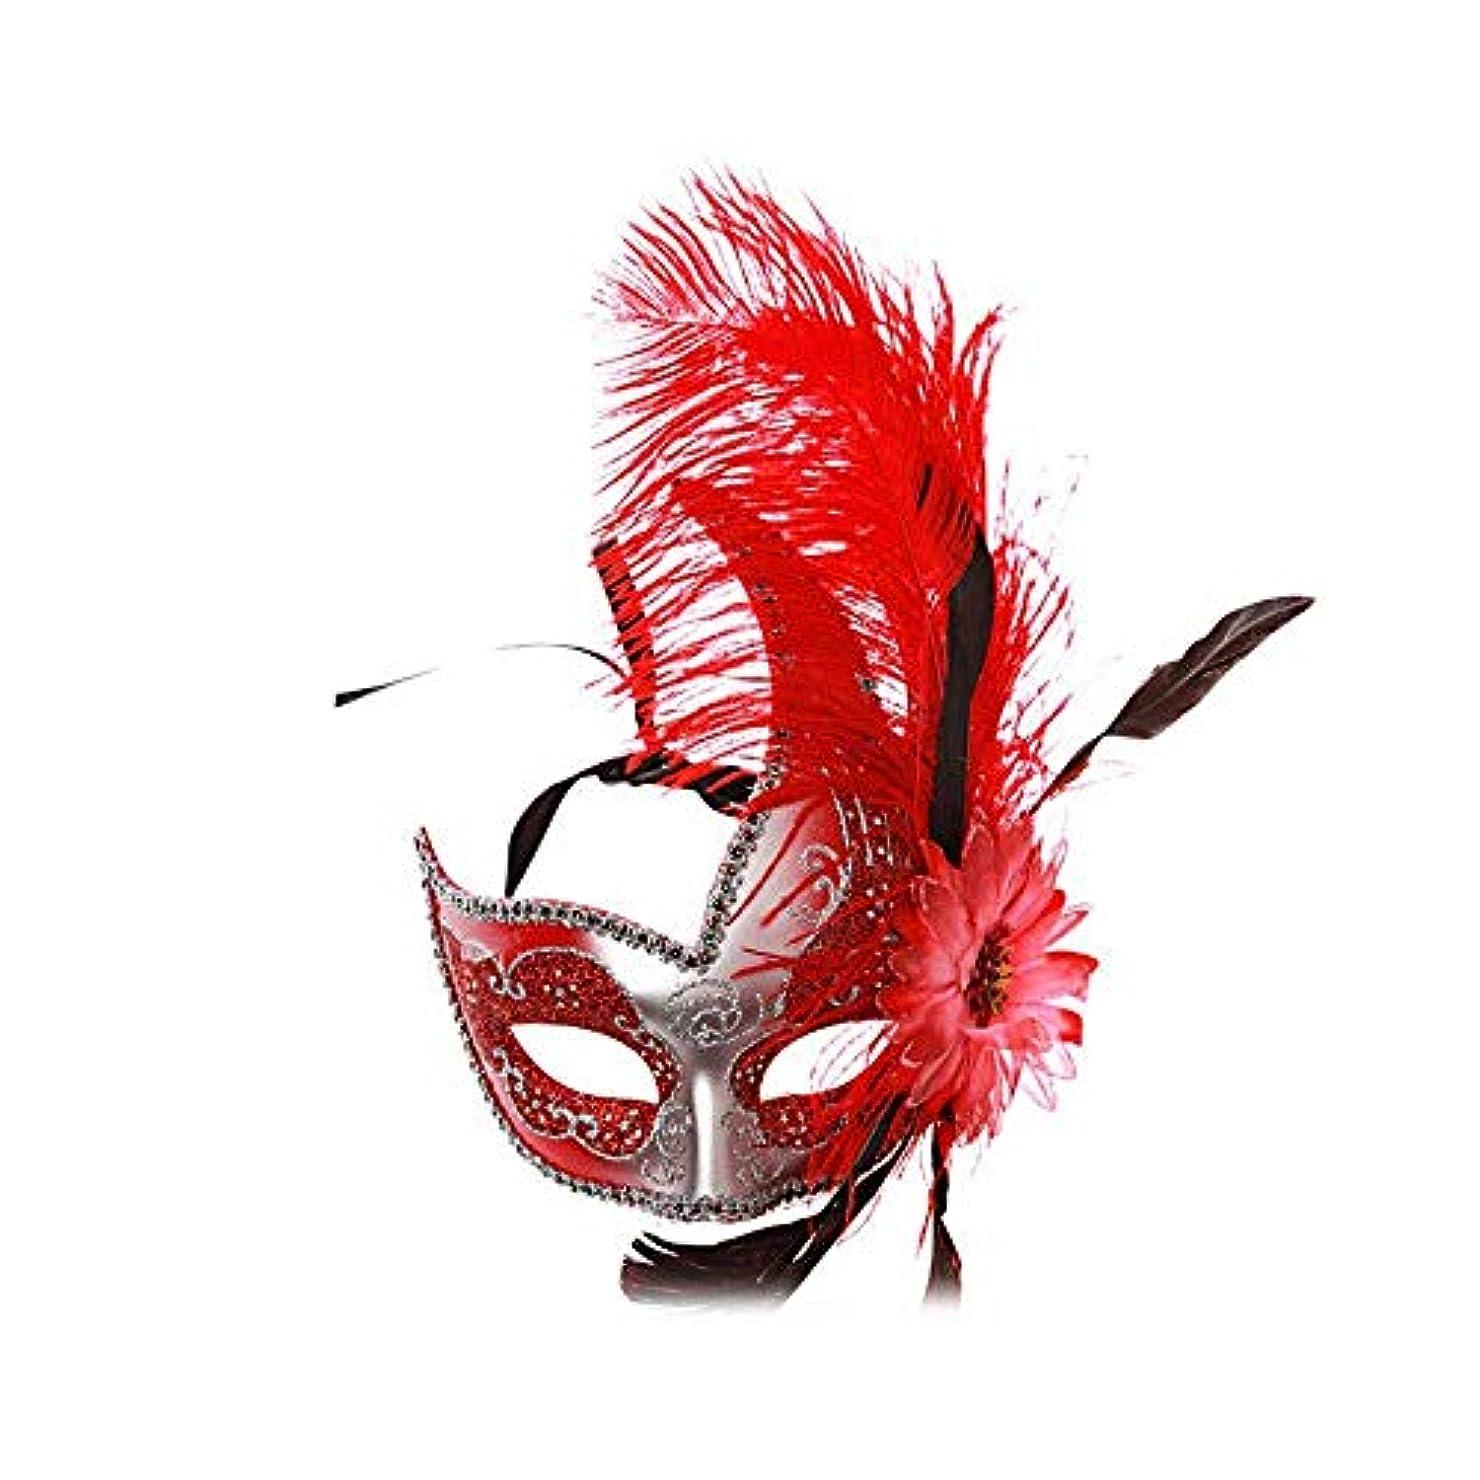 滑り台追い付くに変わるNanle ハロウィンマスクハーフフェザーマスクベニスプリンセスマスク美容レース仮面ライダーコスプレ (色 : Style B red)